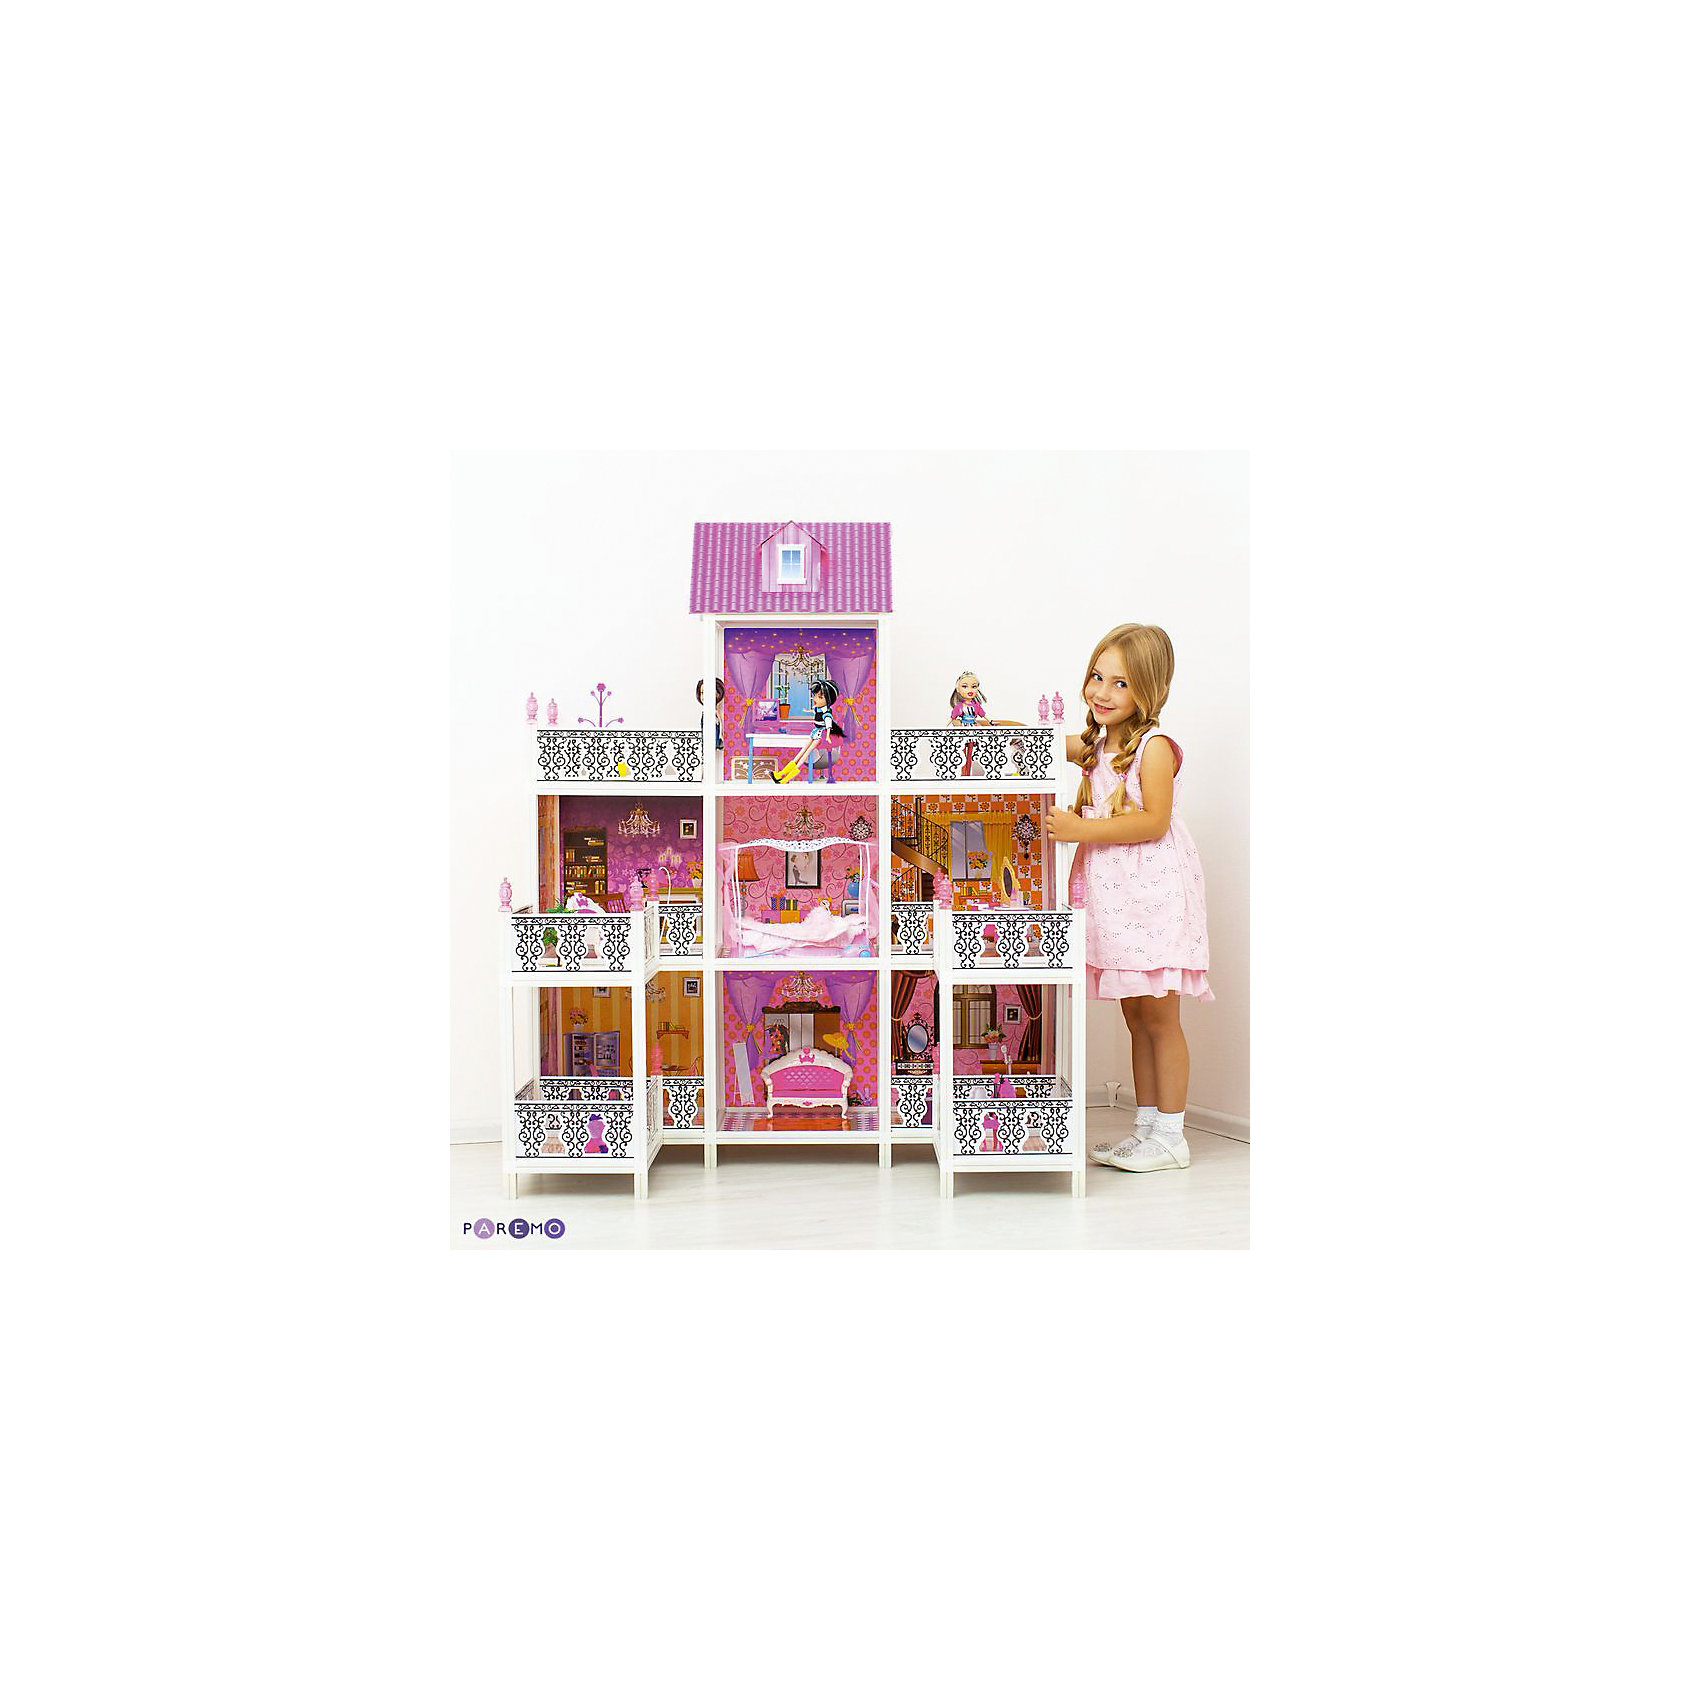 3-этажный кукольный дом (7 комнат, мебель, 3 куклы), PAREMOДомики и мебель<br>3-этажный кукольный дом (7 комнат, мебель, 3 куклы), PAREMO (Паремо).<br><br>Характеристики:<br><br>? Материал: пластик, картон.<br>? Дом частично открытый (задняя стенка глухая, лицевая часть полностью открыта).<br>? 3 этажа,7 просторных комнат, 4 балкона, 2 веранды.<br>? Цвет: розовый, белый.<br>? Подходит для кукол высотой до 30 см. <br>? Конструкция продается в разобранном виде. Инструкция по сборке входит в комплект.<br>? Размер игрушки в собранном виде - 112х76х137 см.<br>? Размер упаковки - 71х14х56 см.<br>? Вес: 12 кг.<br><br>В комплекте:<br><br>• Мебель: диван, круглая кровать, тумба под телевизор, телевизор, ванна, обеденный стол, 4 стульчика, трюмо, столик для торшера, торшер, раковина, стиральная машина, вешалка, корзина для принадлежностей. <br>• 3 куклы с аксессуарами;<br><br>3-этажный кукольный дом, PAREMO (Паремо) – это игрушка- мечта от российского производителя. Очаровательный дом предназначен для сюжетно-ролевых игр («Семья», «Дочки- матери» и т. п.). Домик выполнен в нежных бело-розовых тонах с ярко- розовой крышей, имитирующей черепичную кладку. Внутренний декор поддерживает цветовое решение. Стены, пол, потолок декорированы под различные типы покрытий - плитка, обои, ковролин. В доме 3 этажа,7 просторных комнат, 4 балкона, 2 веранды. На первом этаже ванная комната, гостиная, столовая и 2 веранды, На втором этаже – каминная, зона отдыха, кабинет, будуар, 2 балкона, На третьем – рабочий кабинет и 2 балкона. Кованые решетки балконов украшены башенками, что придает домику дворцовый стиль. Юная леди, проявив фантазию, самостоятельно может расположить комнаты по своему вкусу. Игры с таким домиком помогают развить в девочке фантазию, творческие способности, поможет ребенку почувствовать себя взрослой и самостоятельной. Материалы, из которых изготовлен домик, полностью соответствуют российским стандартам безопасности. Ваша малышка будет счастлива, получить в подарок славный н